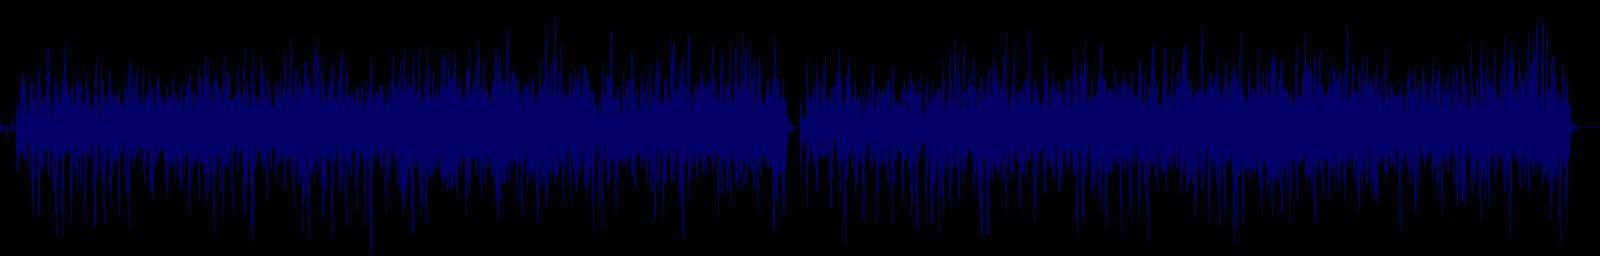 waveform of track #159408